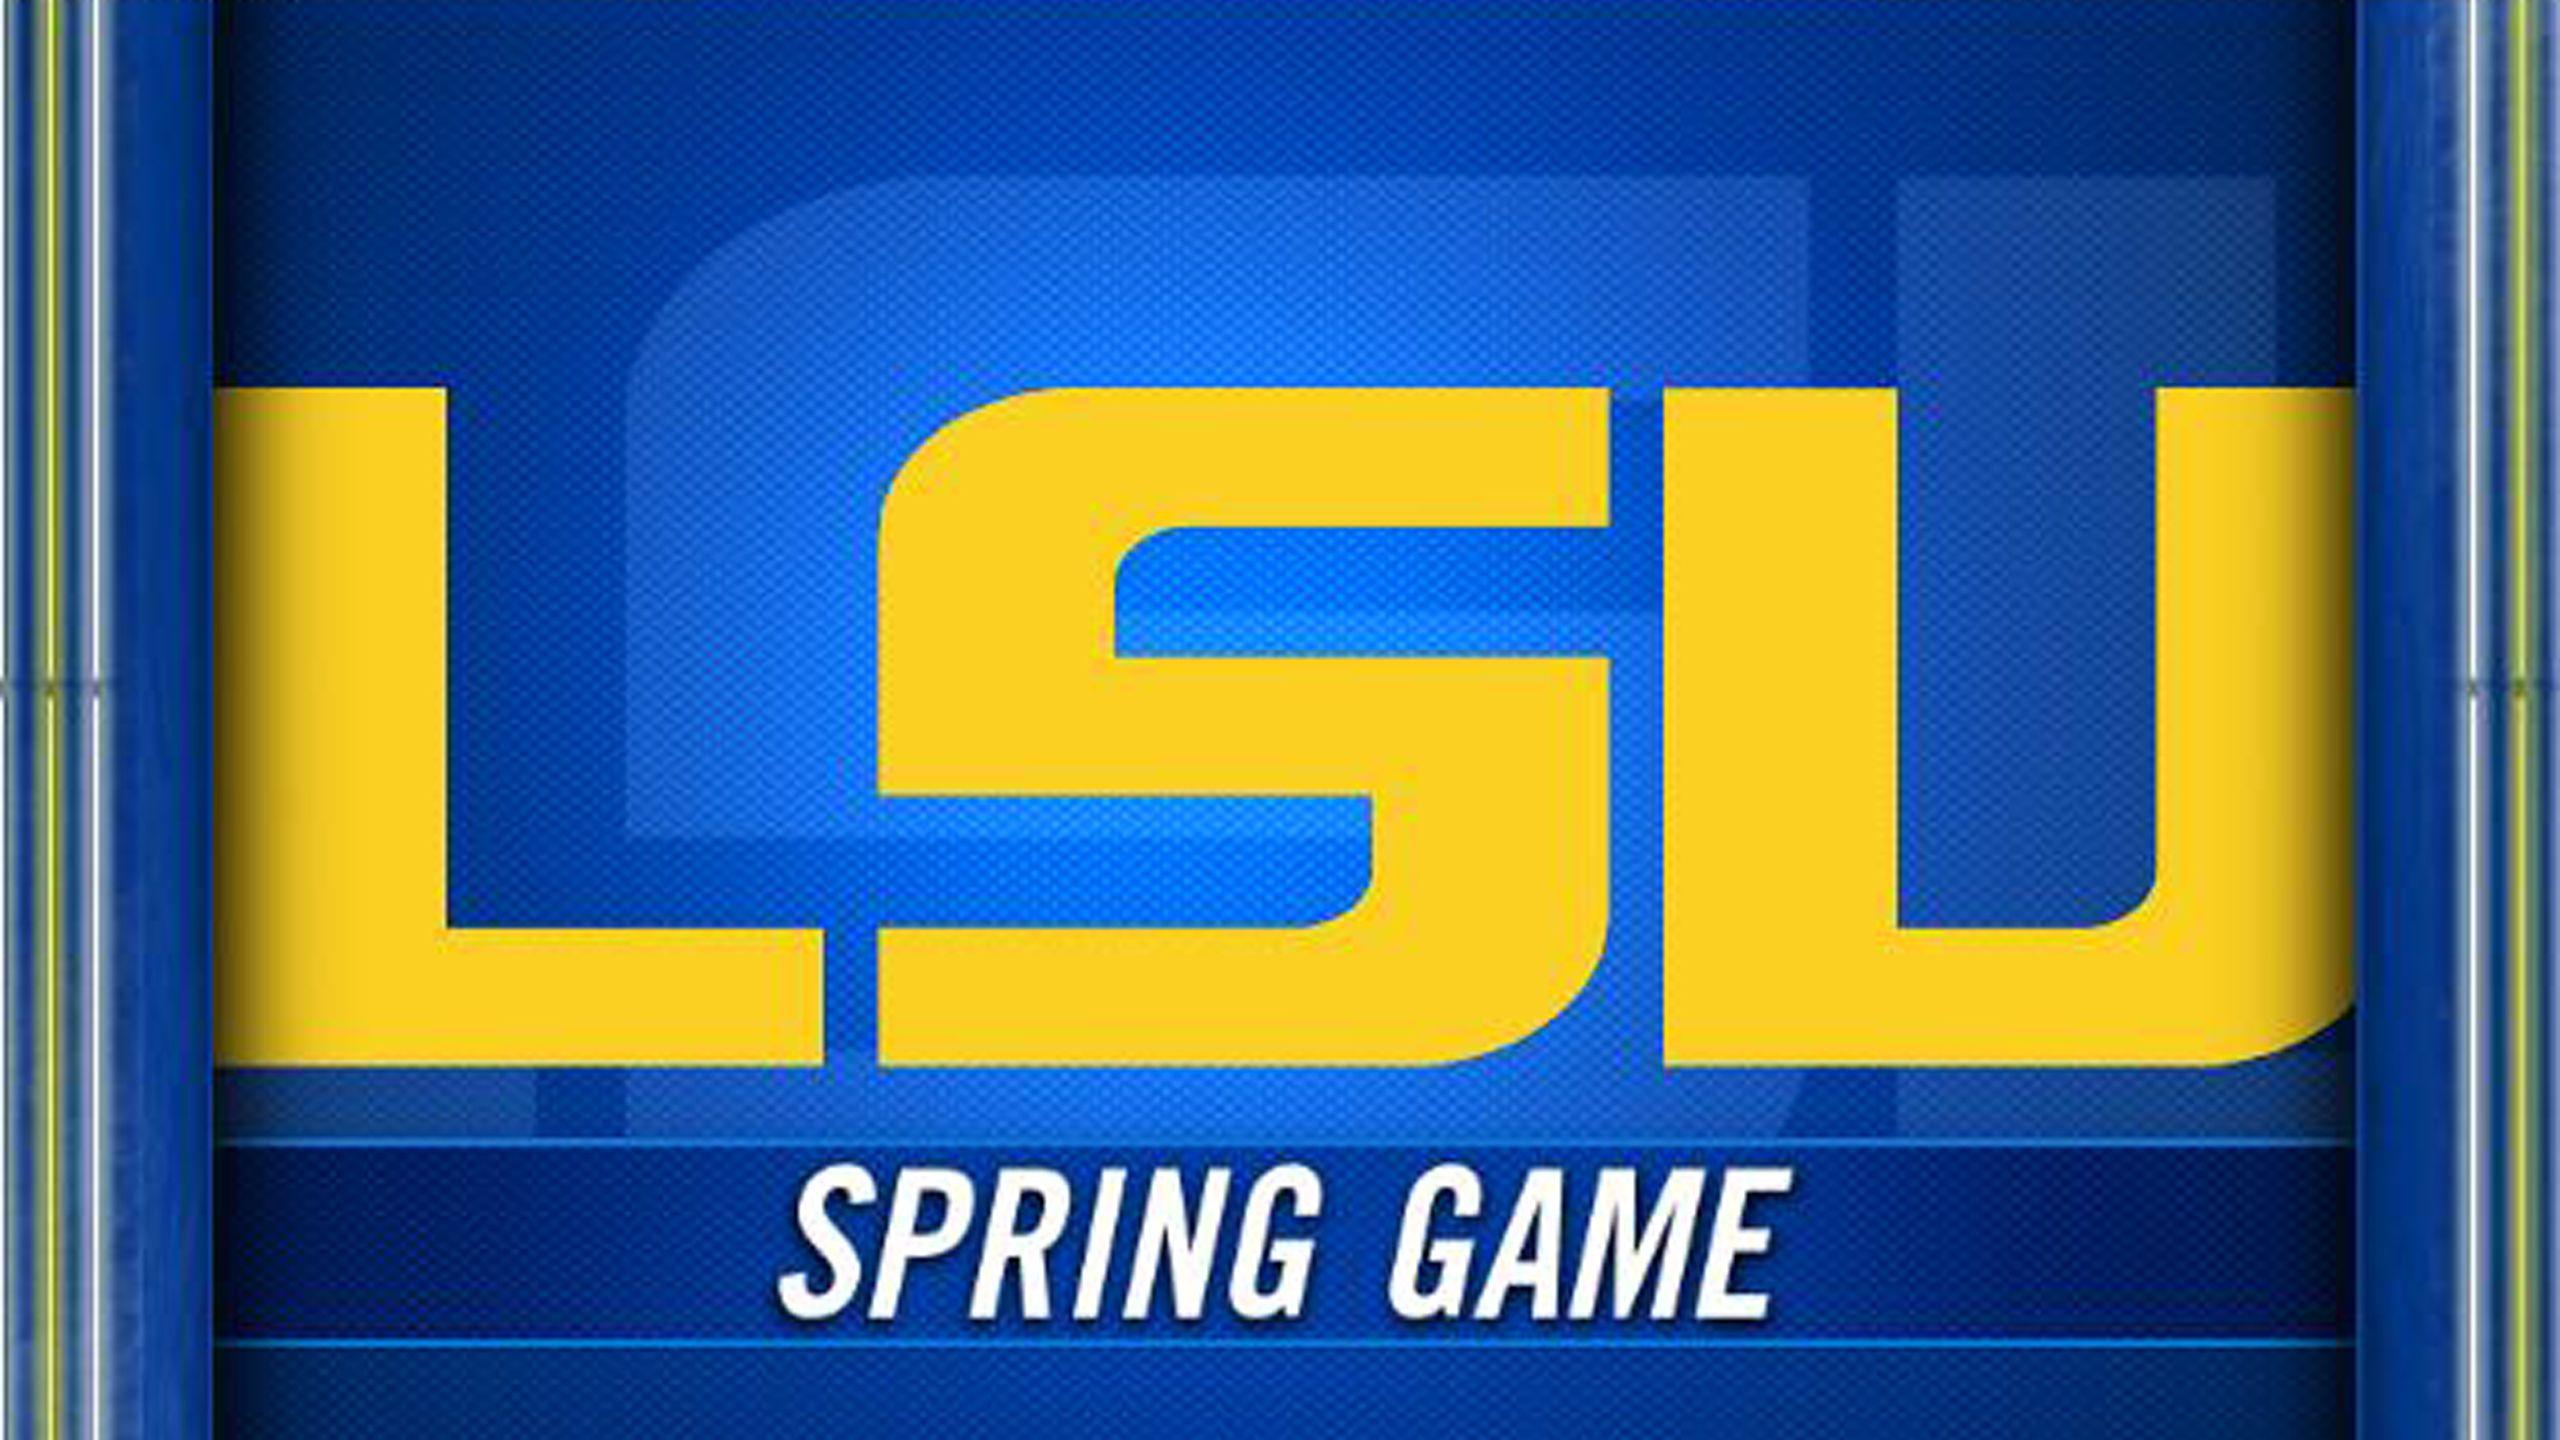 LSU Spring Game